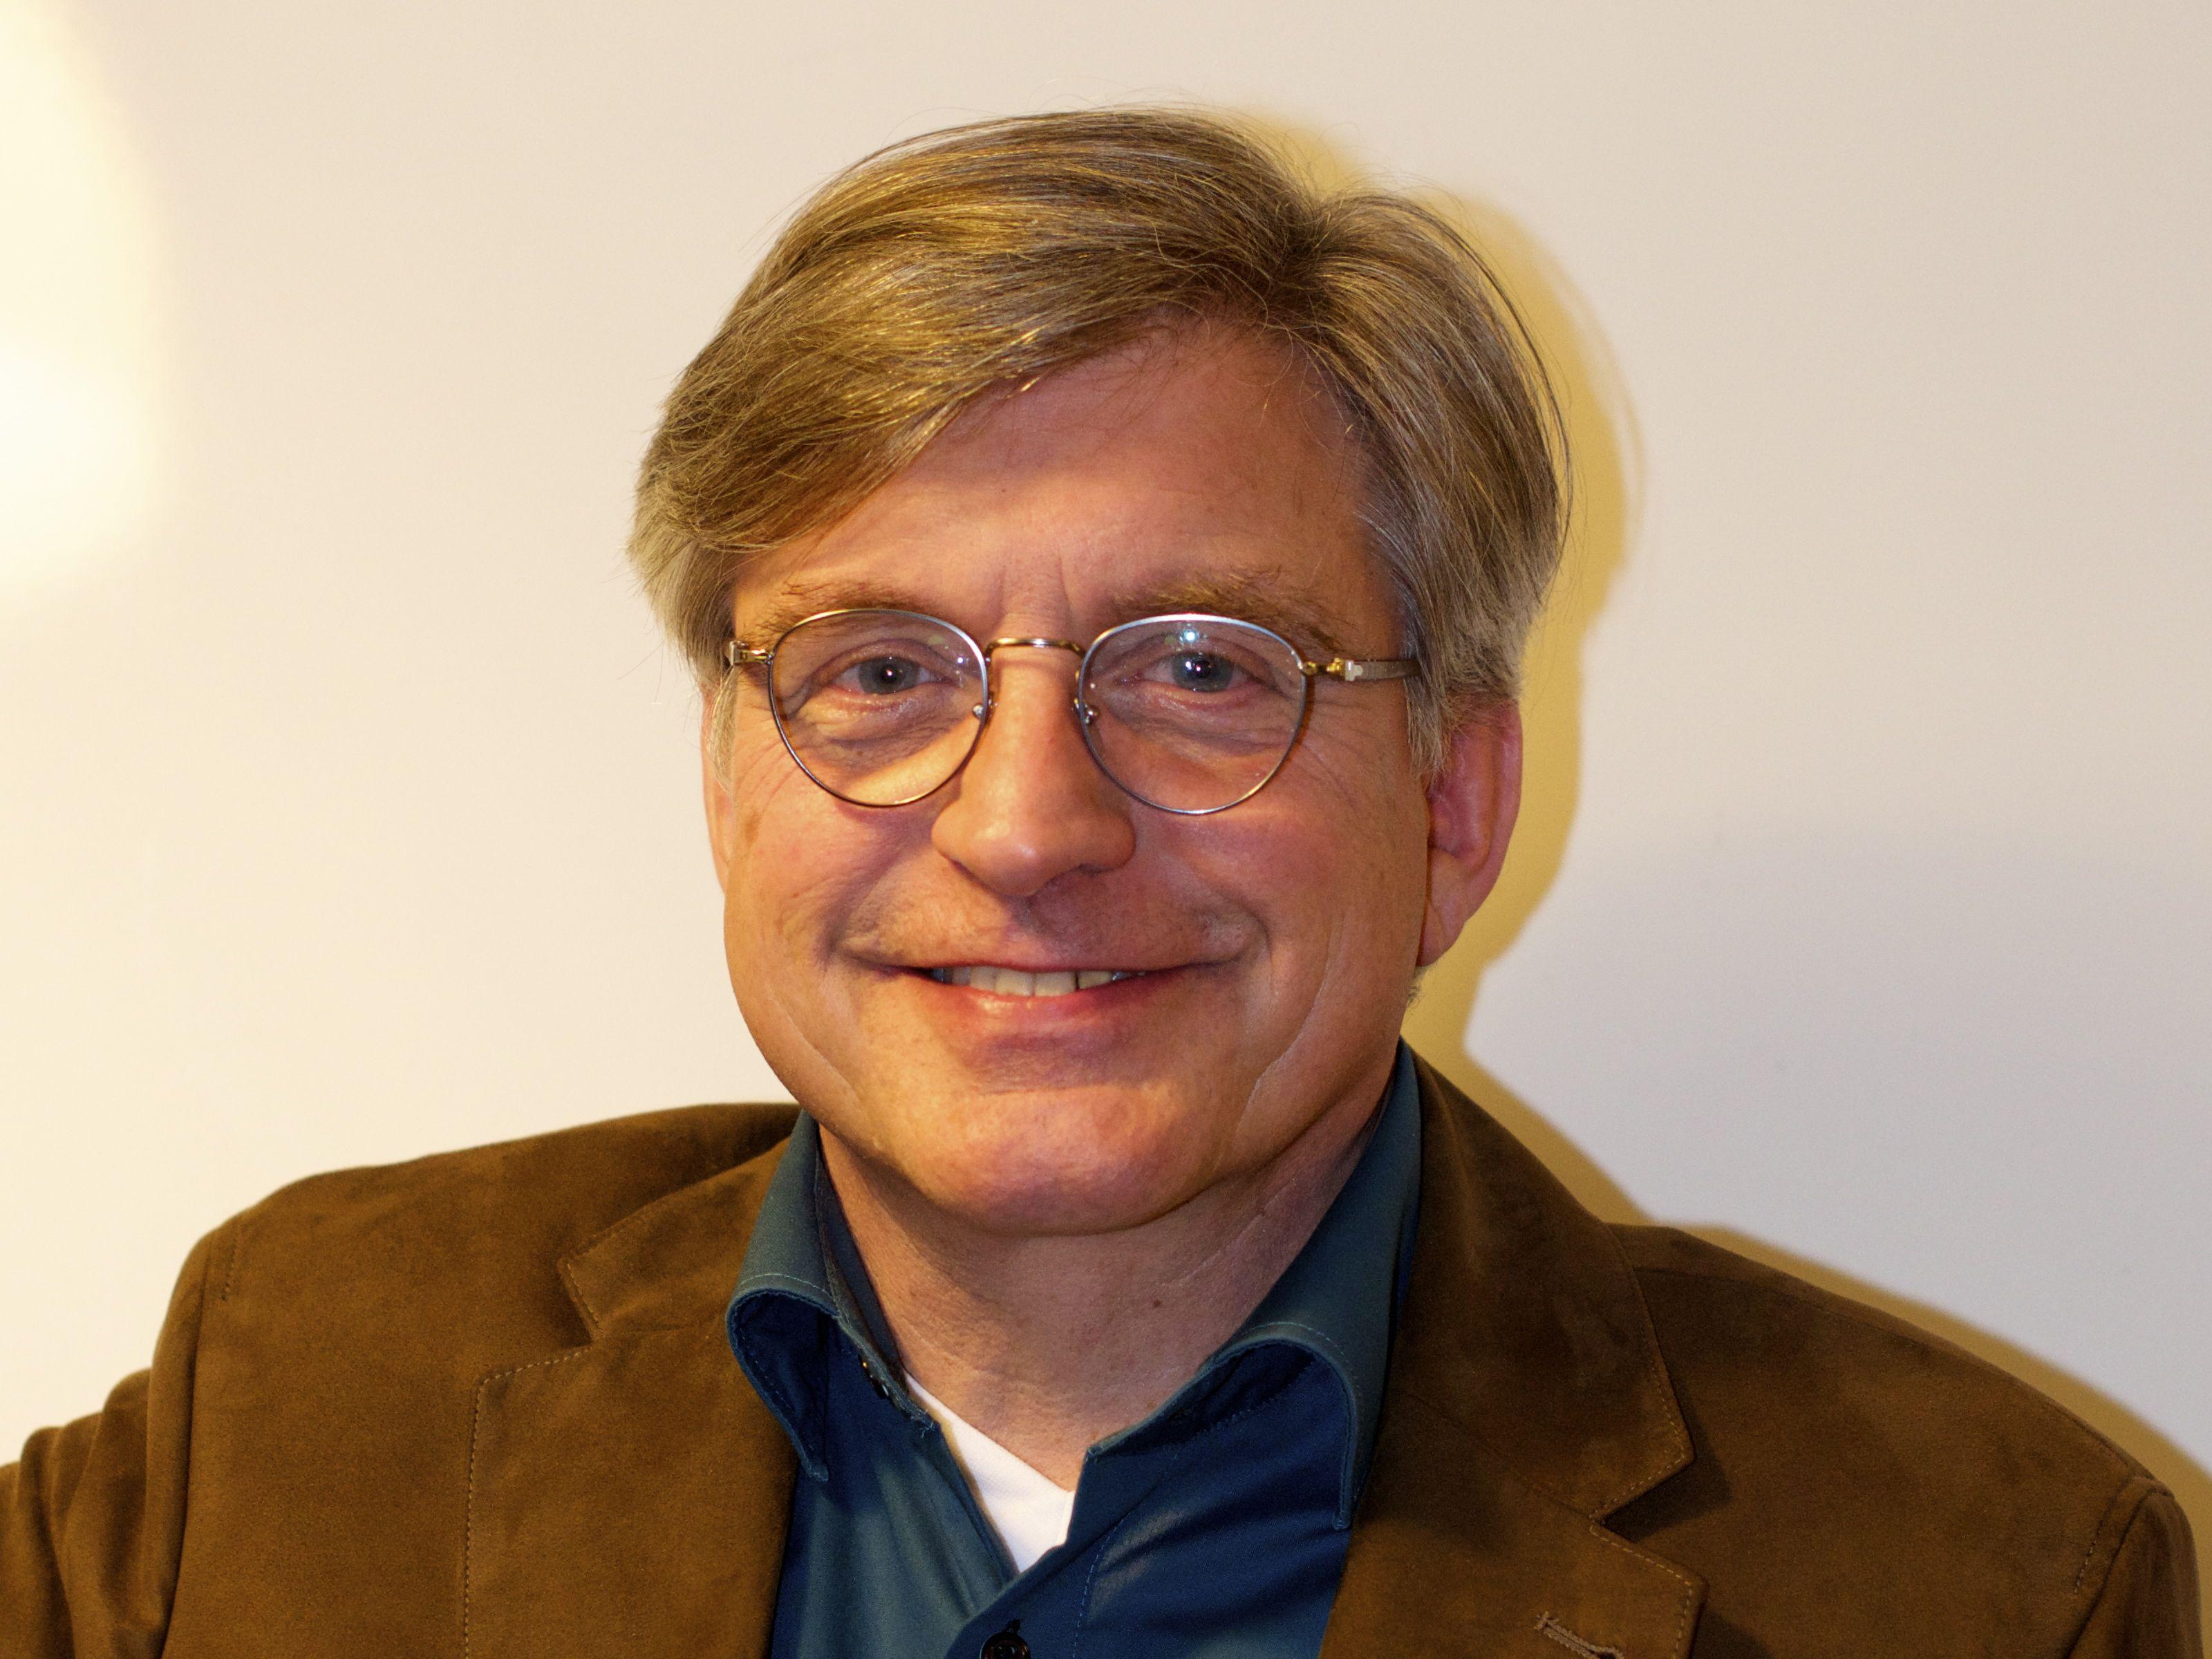 Klaus Stach